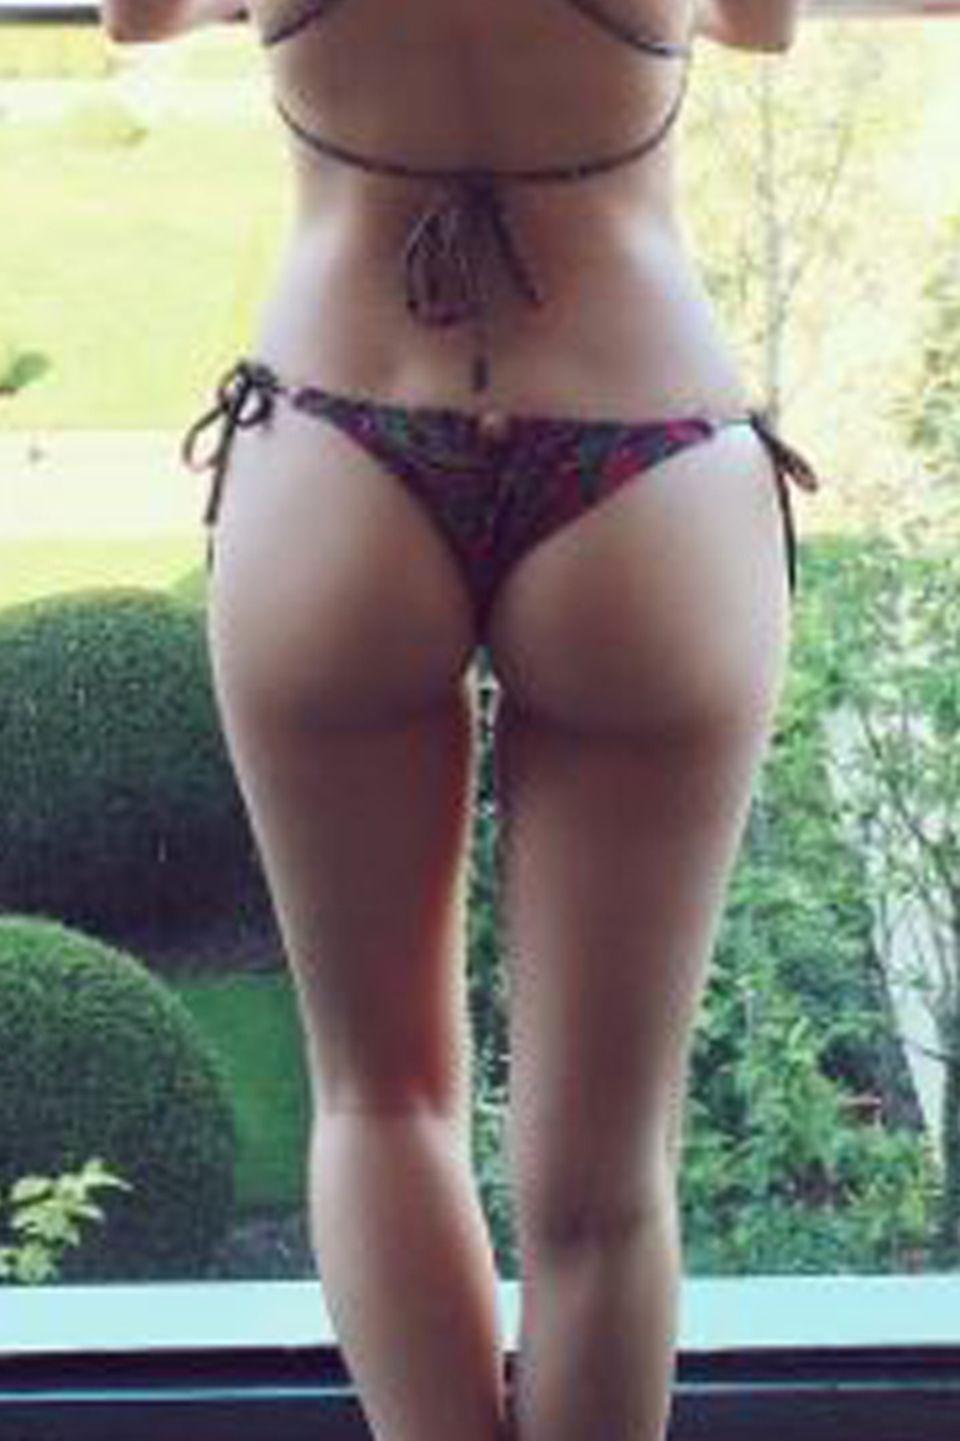 Lottie Moss, die kleine Schwester von Topmodel Kate Moss, zeigt uns hier ihre knackige Rückseite - und kann es sich bei diesem Modelkörper auch erlauben